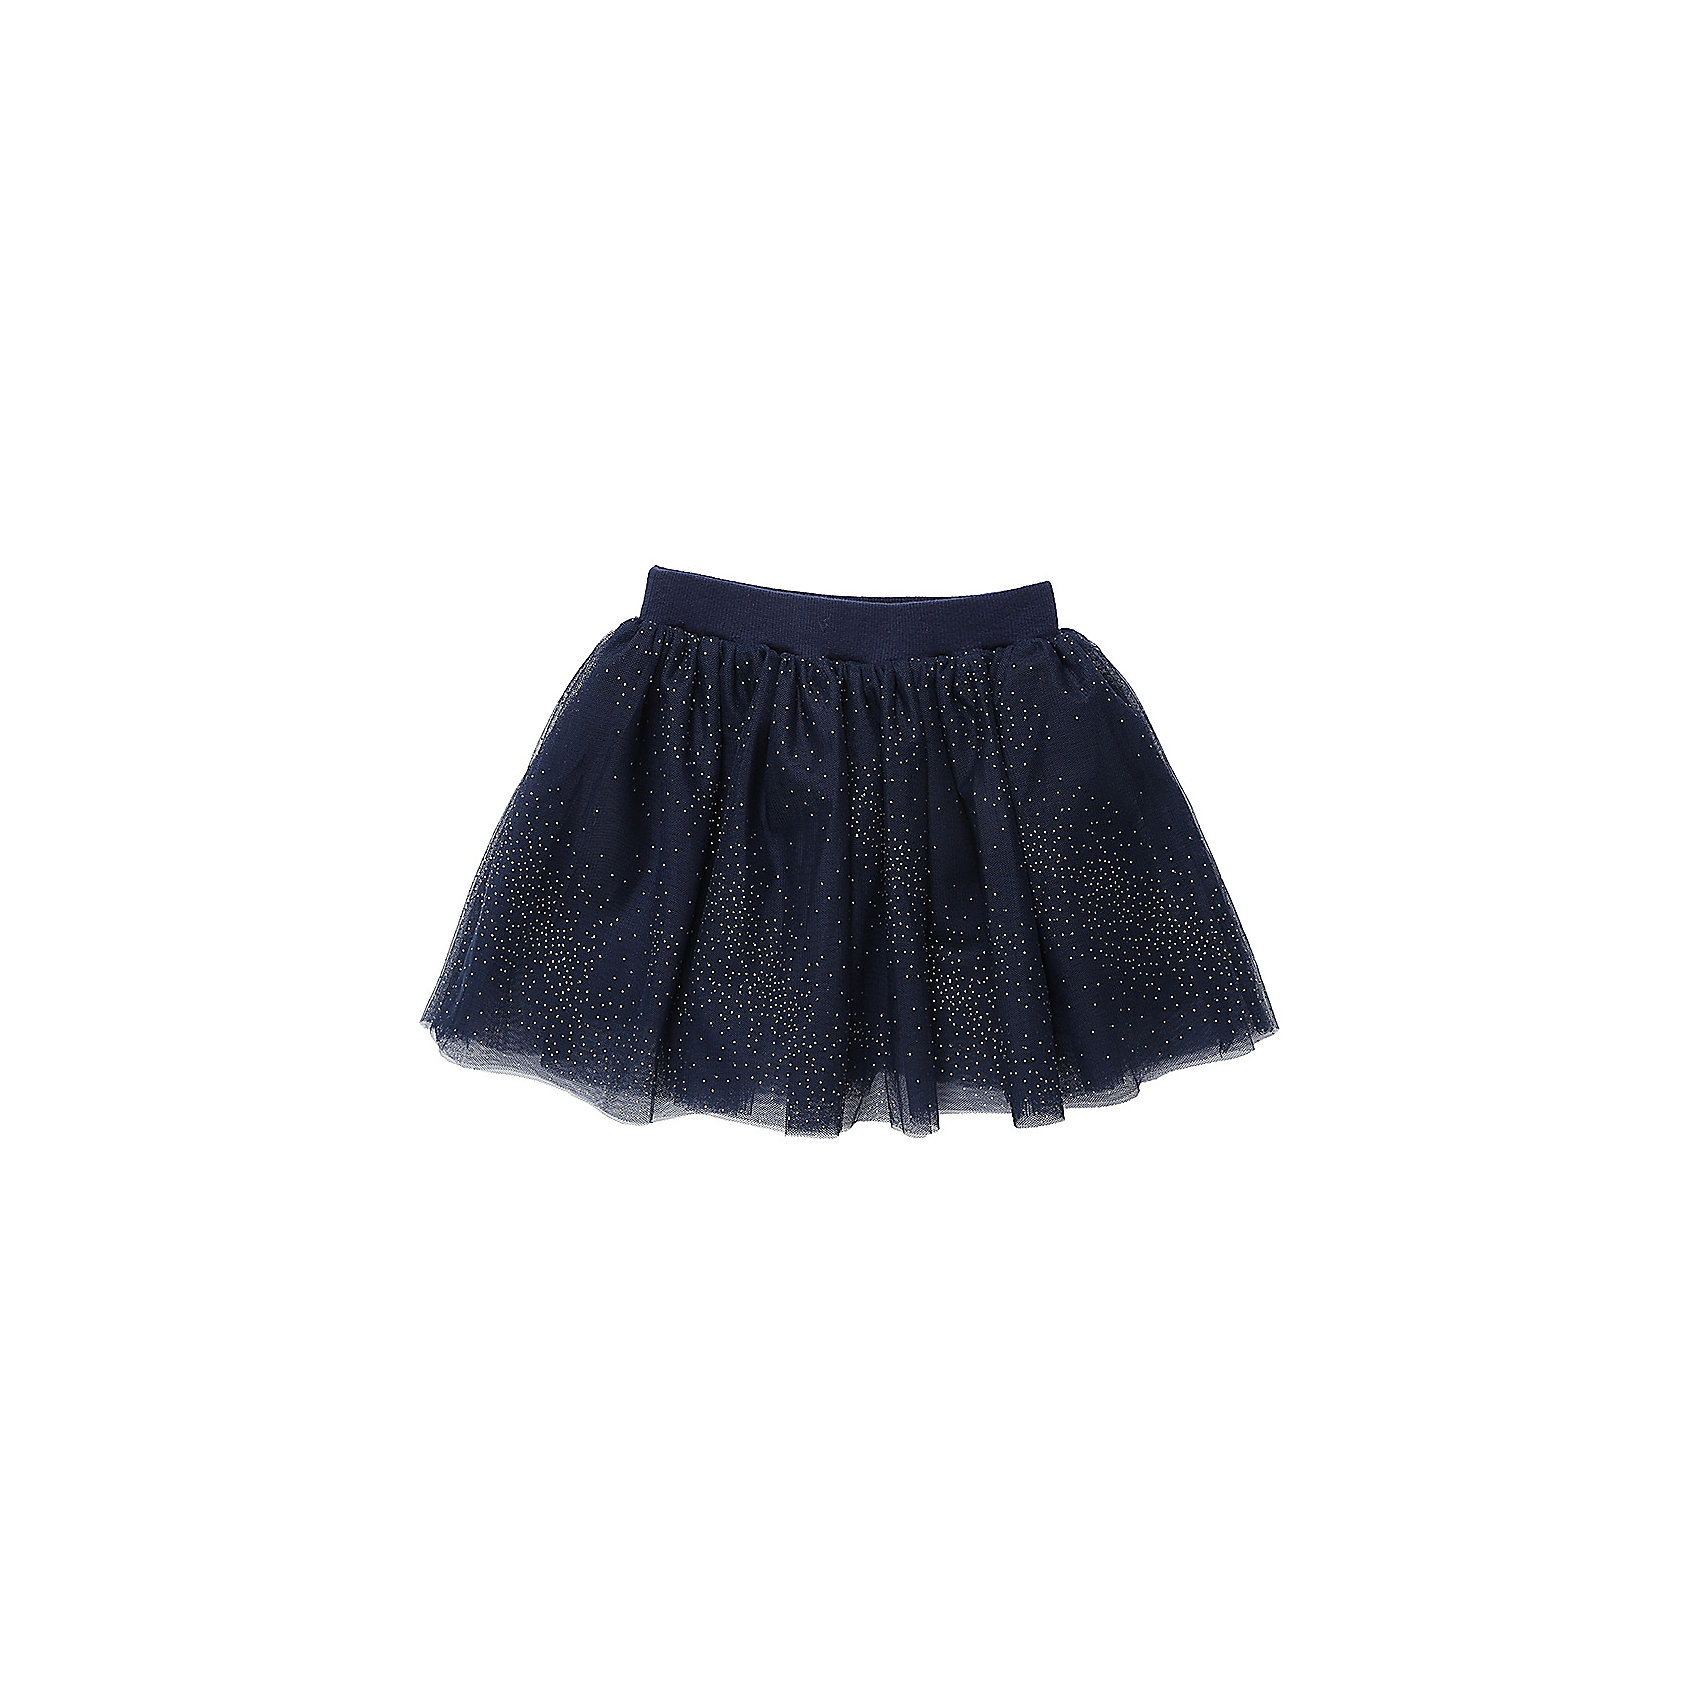 Юбка Sweet Berry для девочкиОдежда<br>Юбка Sweet Berry для девочки<br>Нарядная трикотажная юбка для девочки из фатина декорированная блестками. Хлопковая подкладка, широкий эластичный пояс.<br>Состав:<br>Основная ткань: 100% полиэстер Подкладка: 95% хлопок, 5% эластан<br><br>Ширина мм: 207<br>Глубина мм: 10<br>Высота мм: 189<br>Вес г: 183<br>Цвет: синий<br>Возраст от месяцев: 24<br>Возраст до месяцев: 36<br>Пол: Женский<br>Возраст: Детский<br>Размер: 98,80,86,92<br>SKU: 7094348